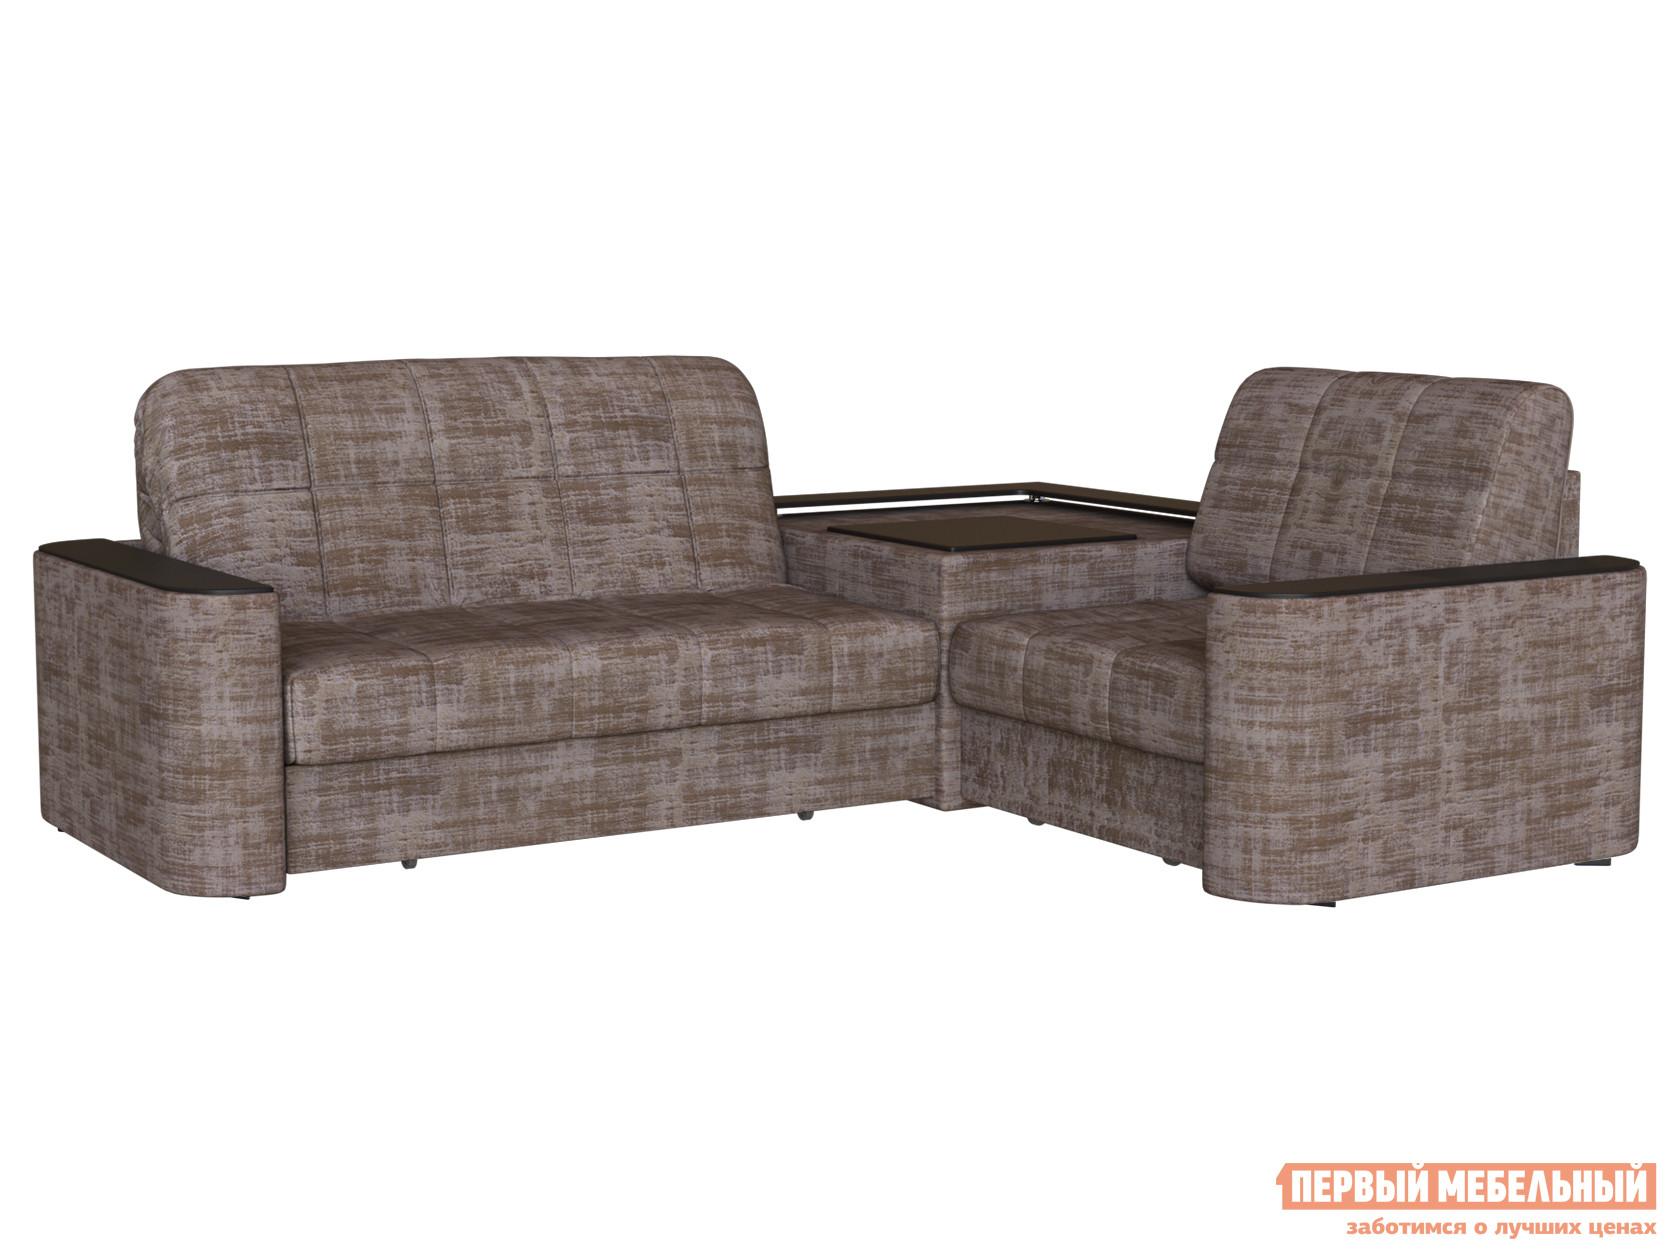 Угловой диван Первый Мебельный Диван Лукас угловой Люкс